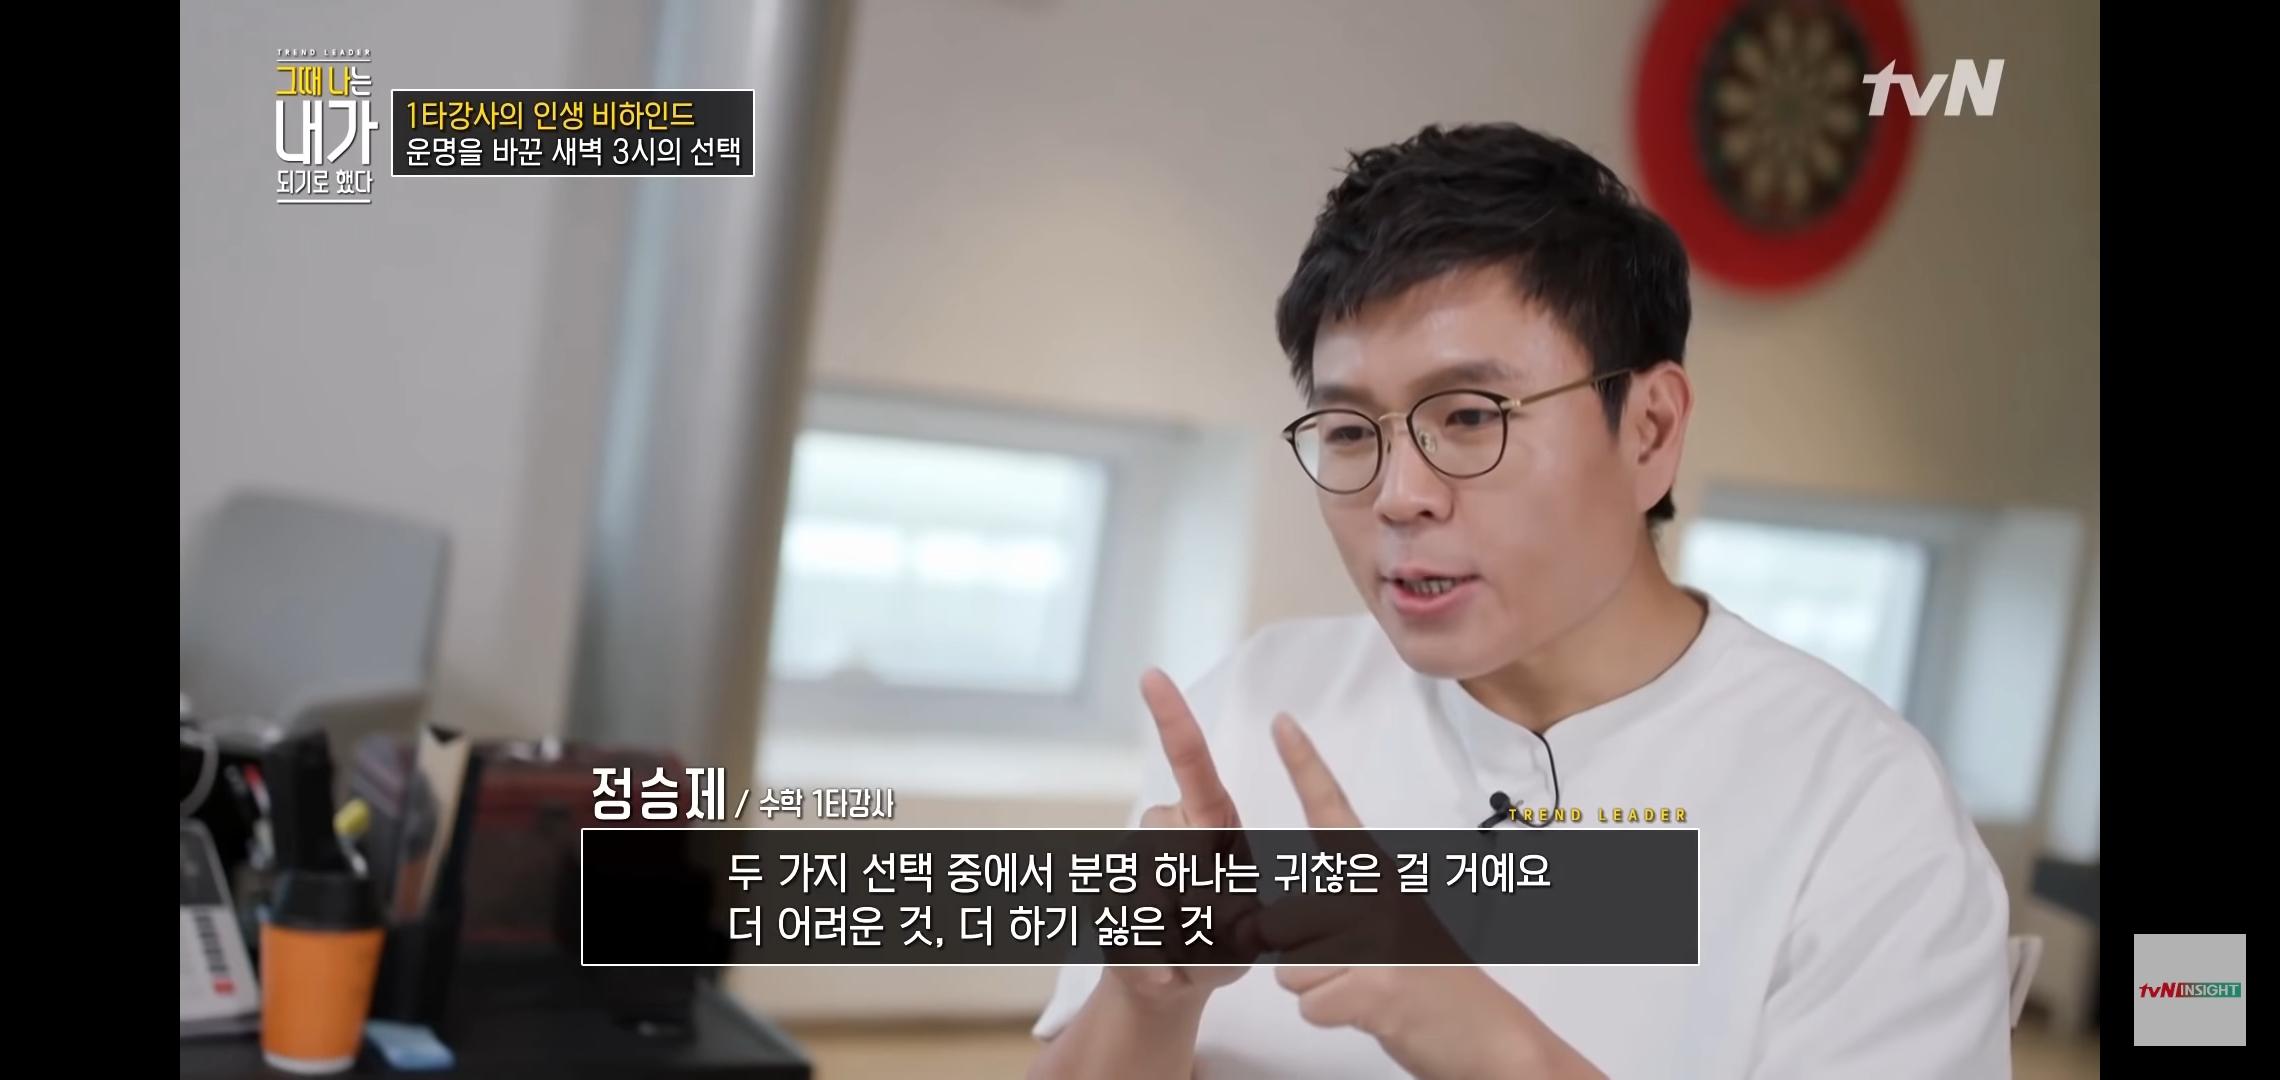 정승제 선생님, 갈까 말까 할 때는 무조건 가라 (tvN 화면 캡쳐)